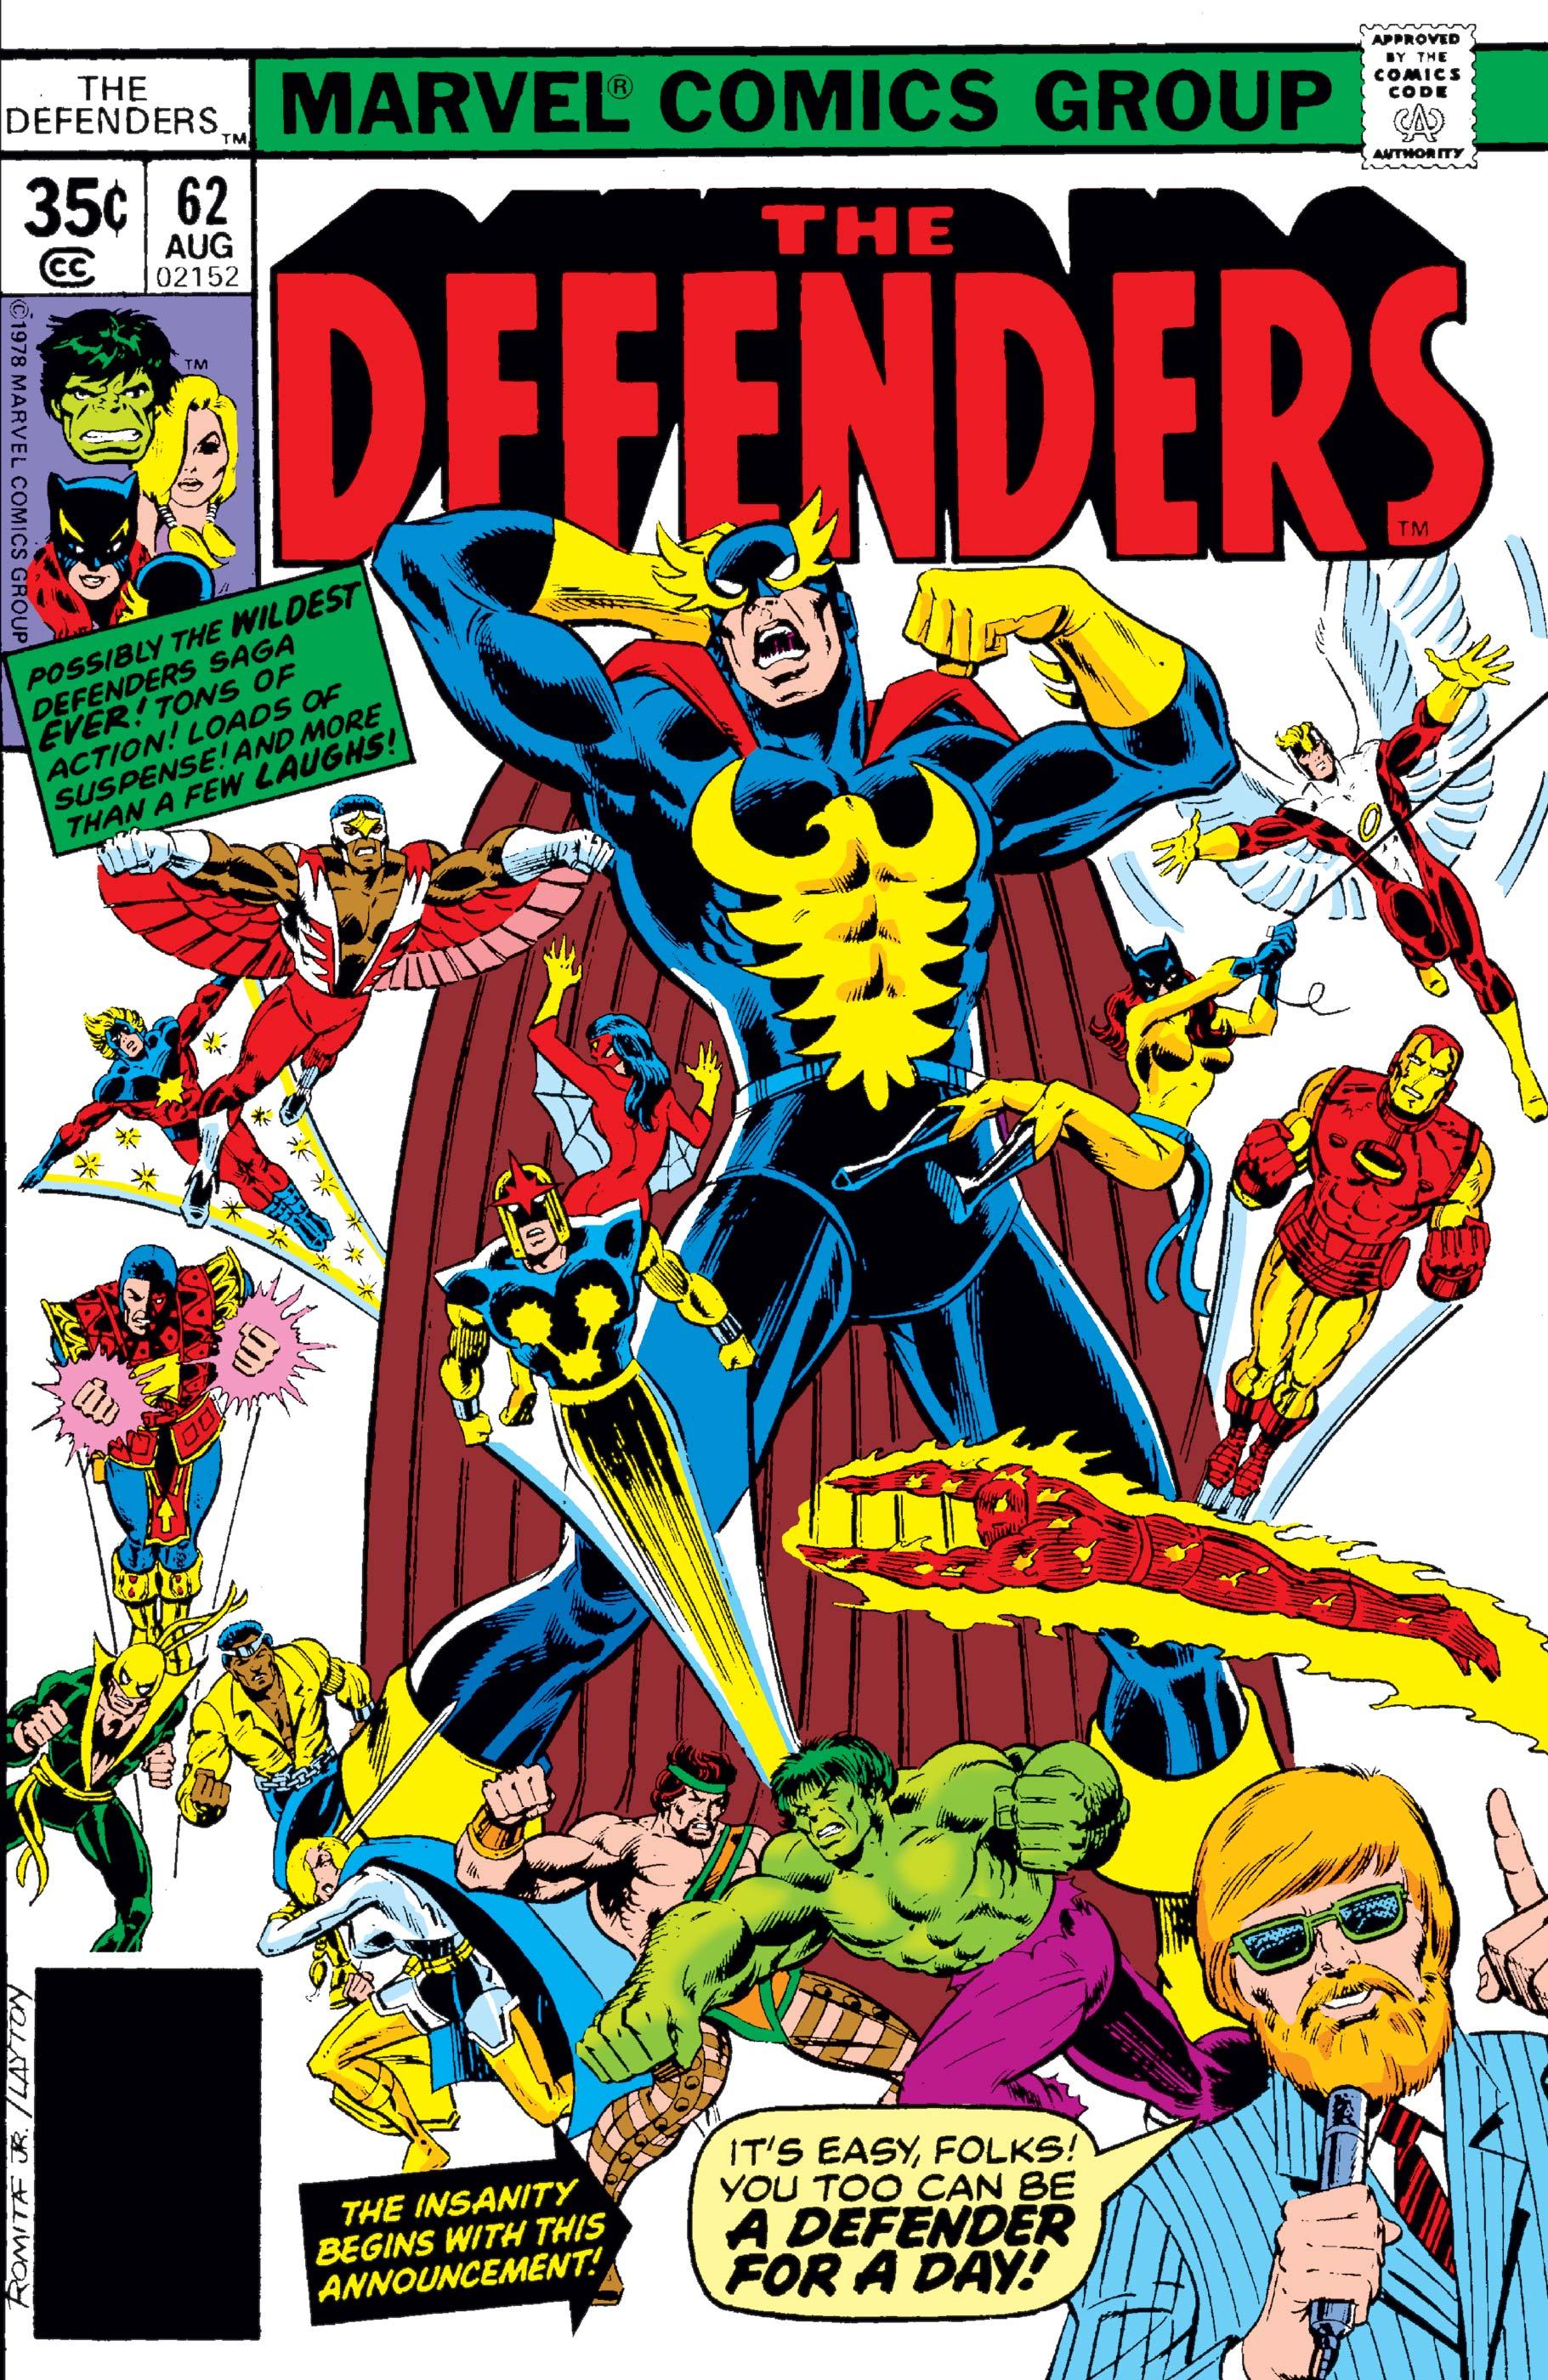 Defenders (1972) #62